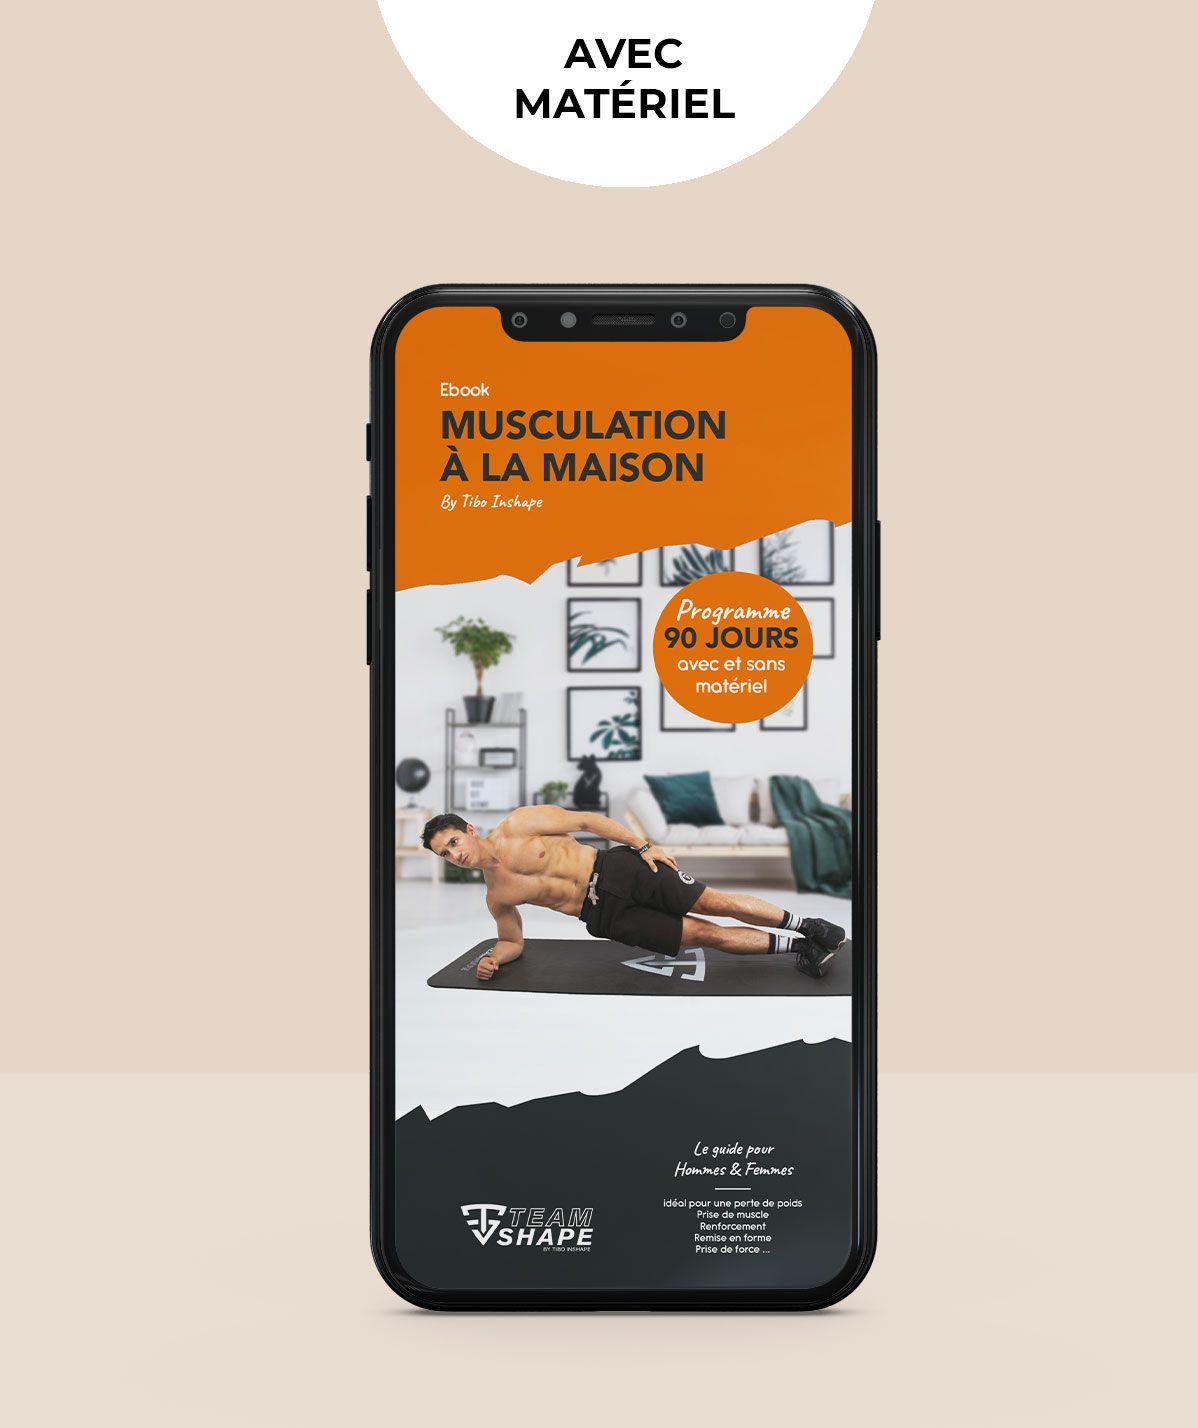 Programme Musculation à la maison avec matériel - Ebook